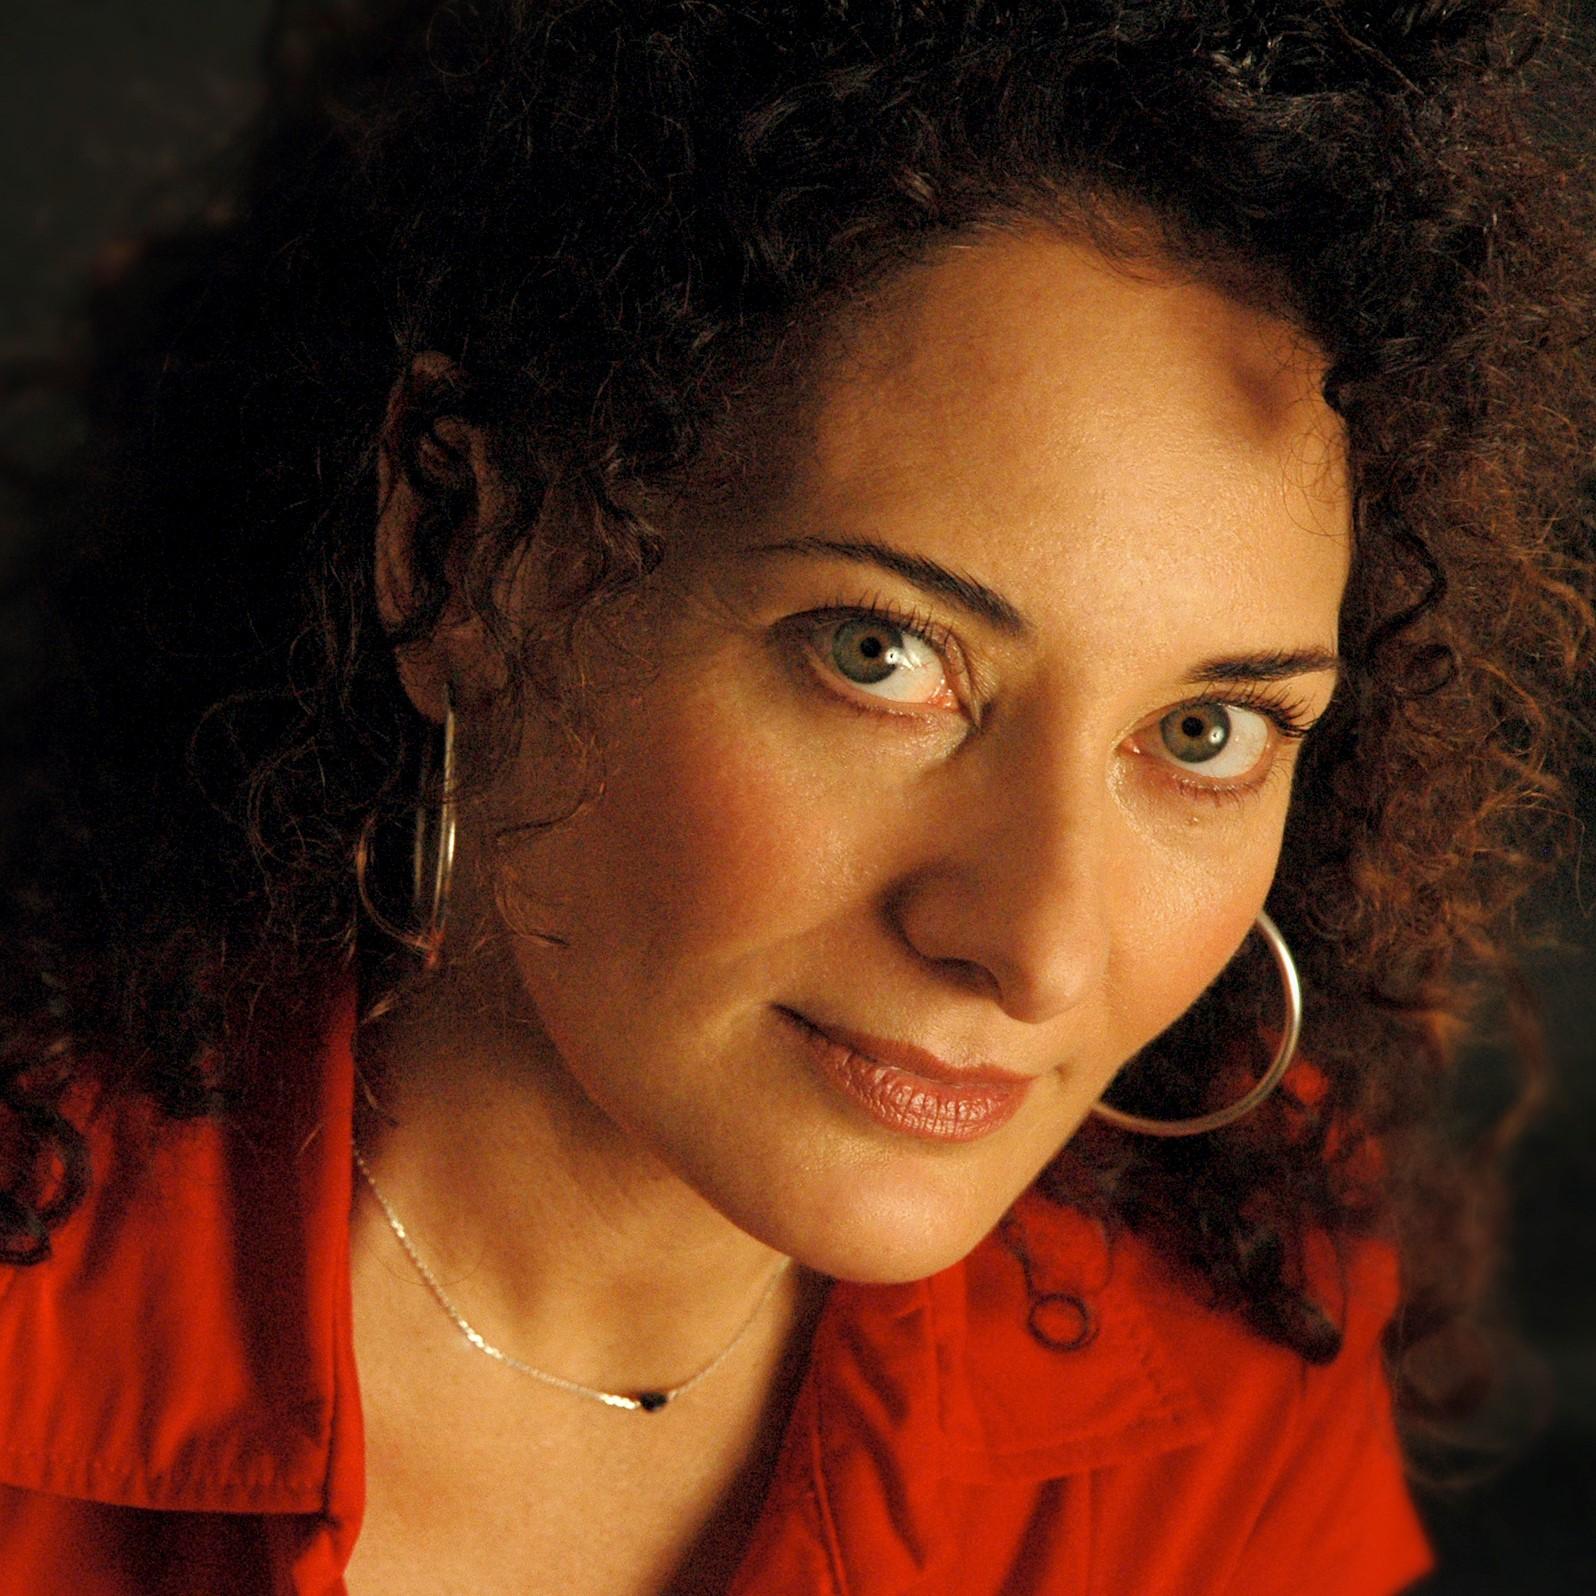 Florence Corbalan